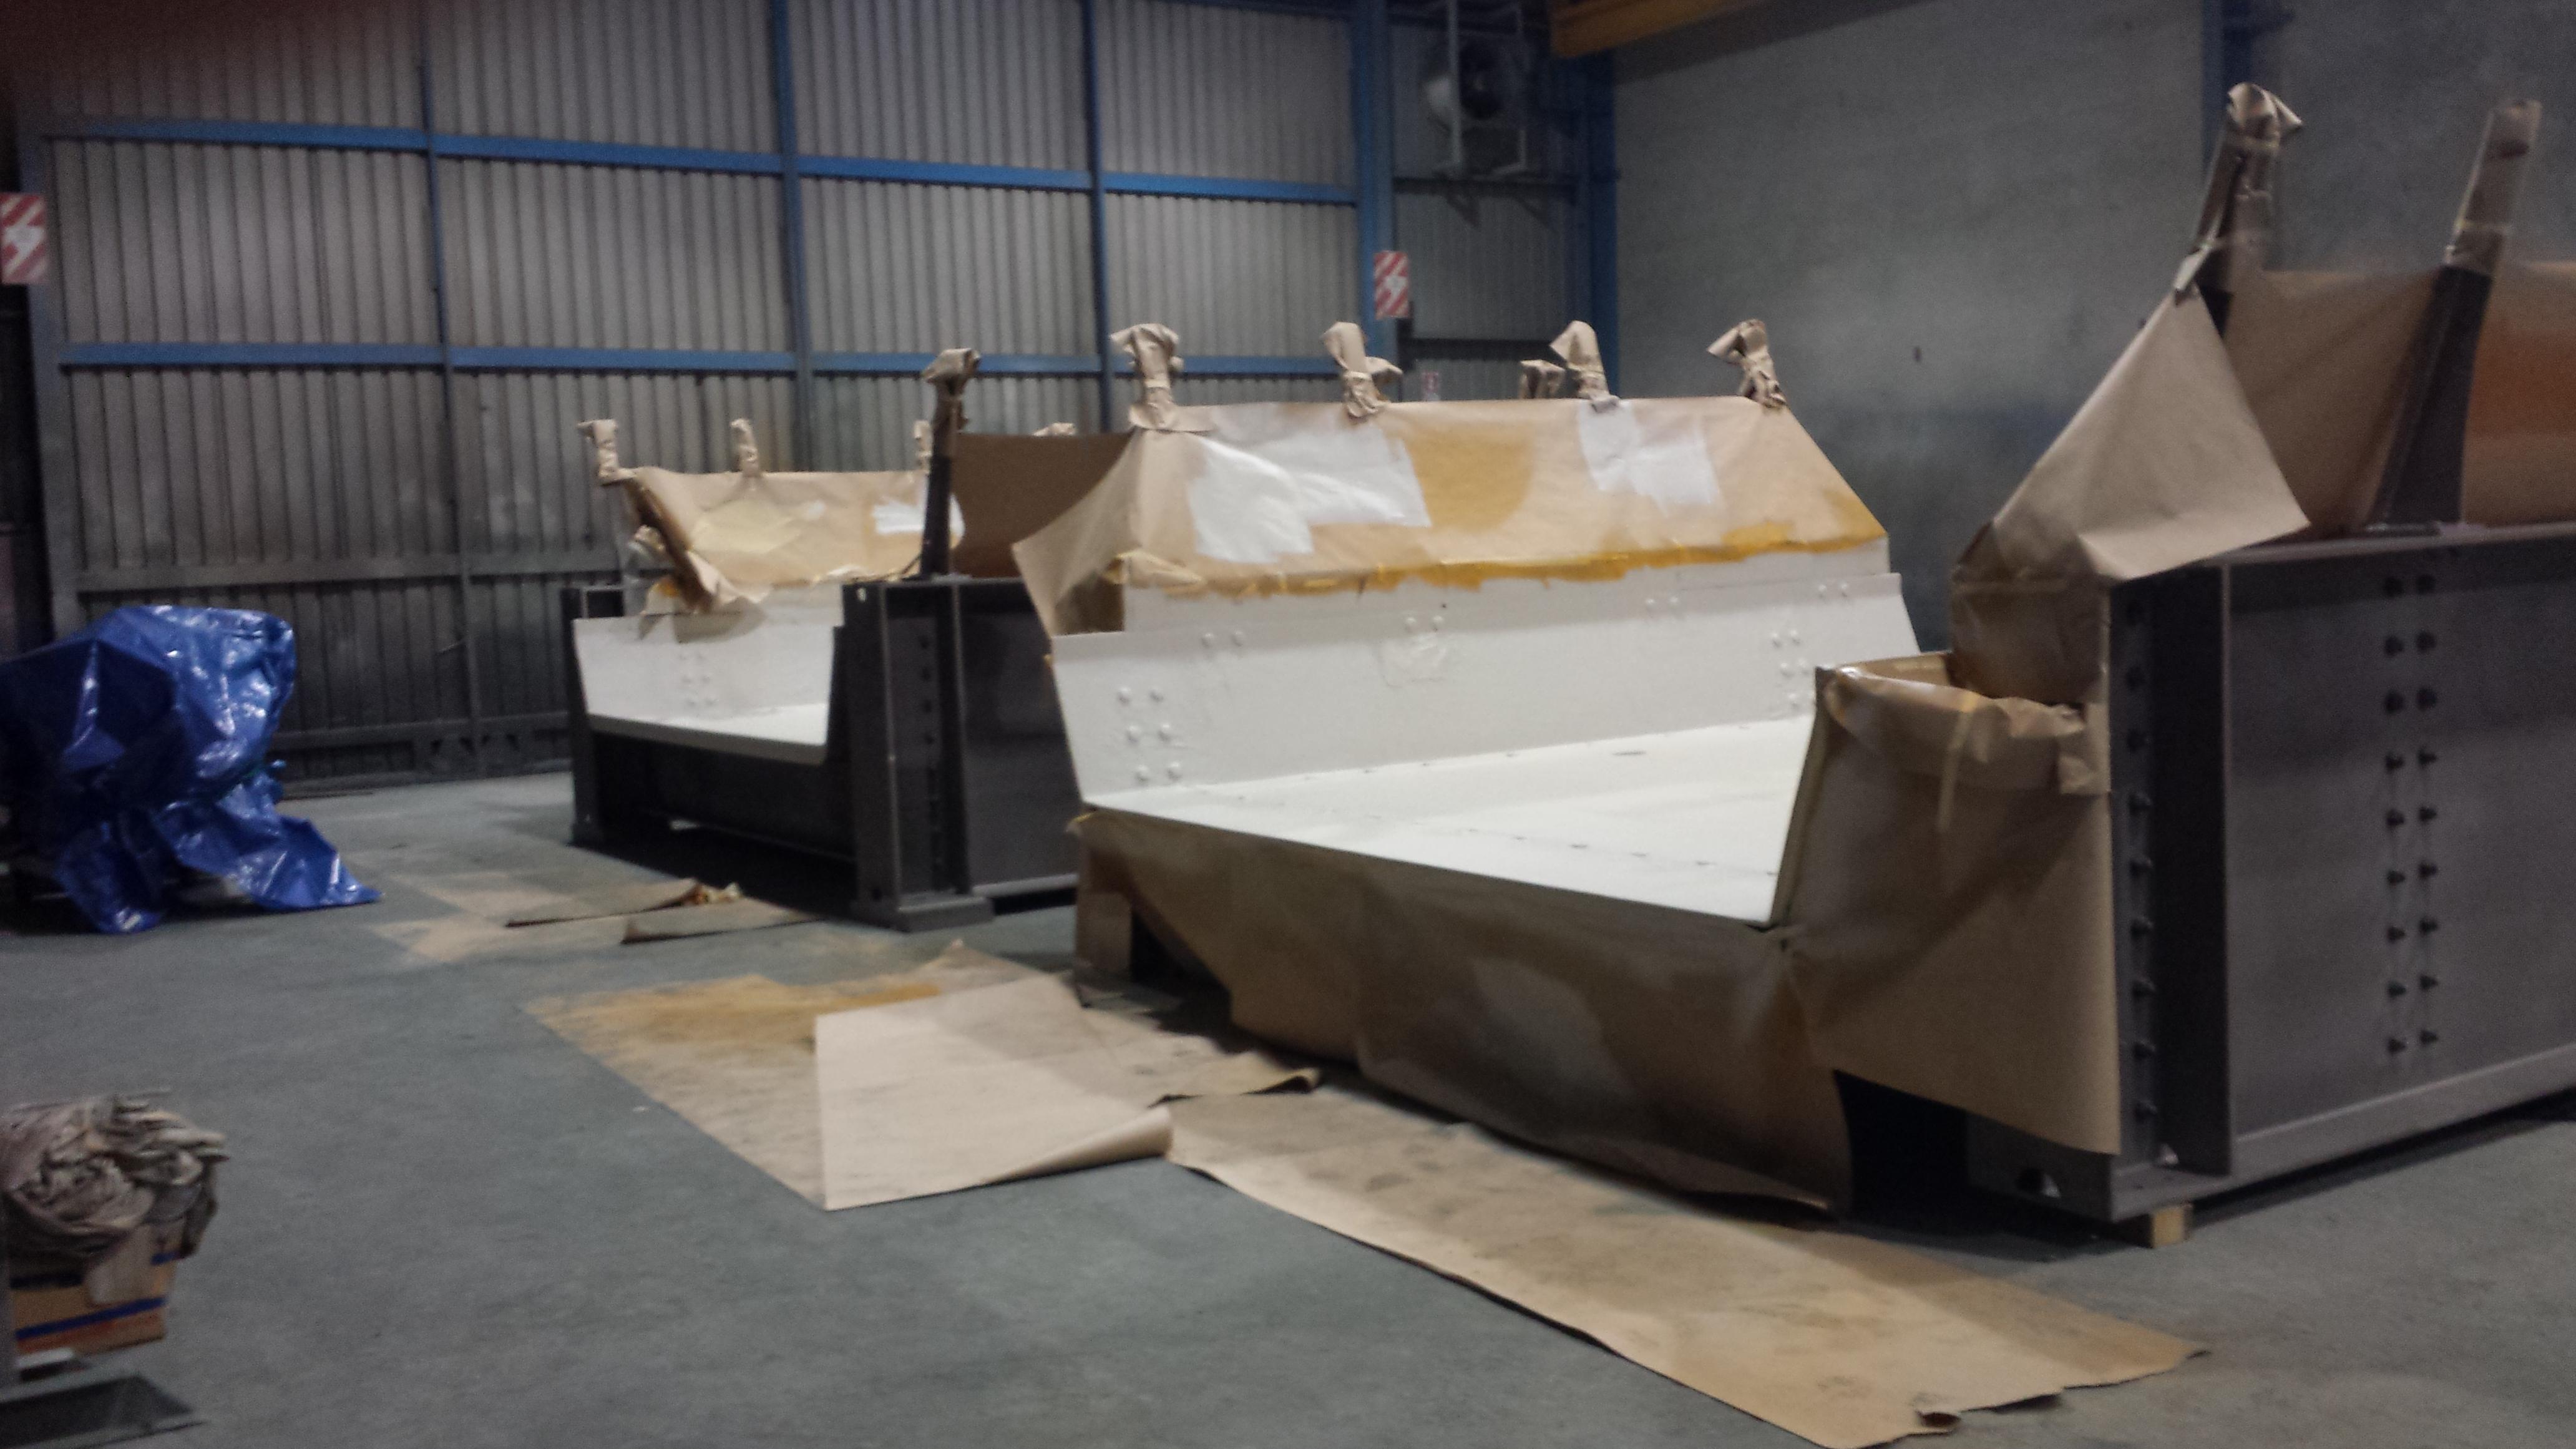 Stirling Lloyd Eliminator Polymer Group Ltd